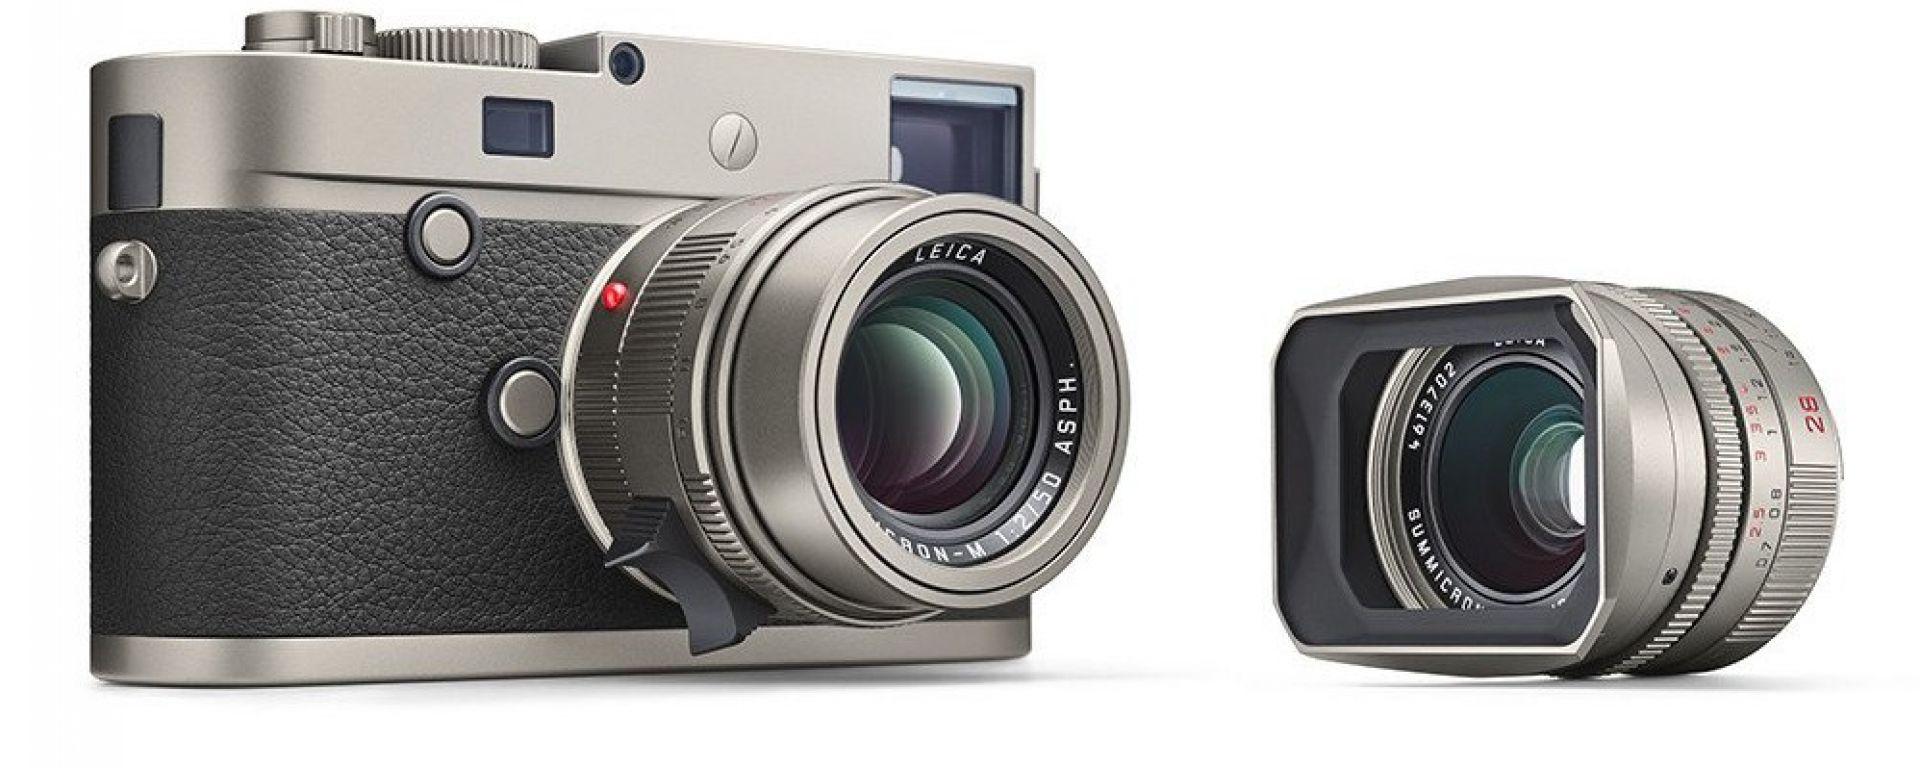 Leica M-P (Typ 240) Titanium: la compatta da 23 mila dollari